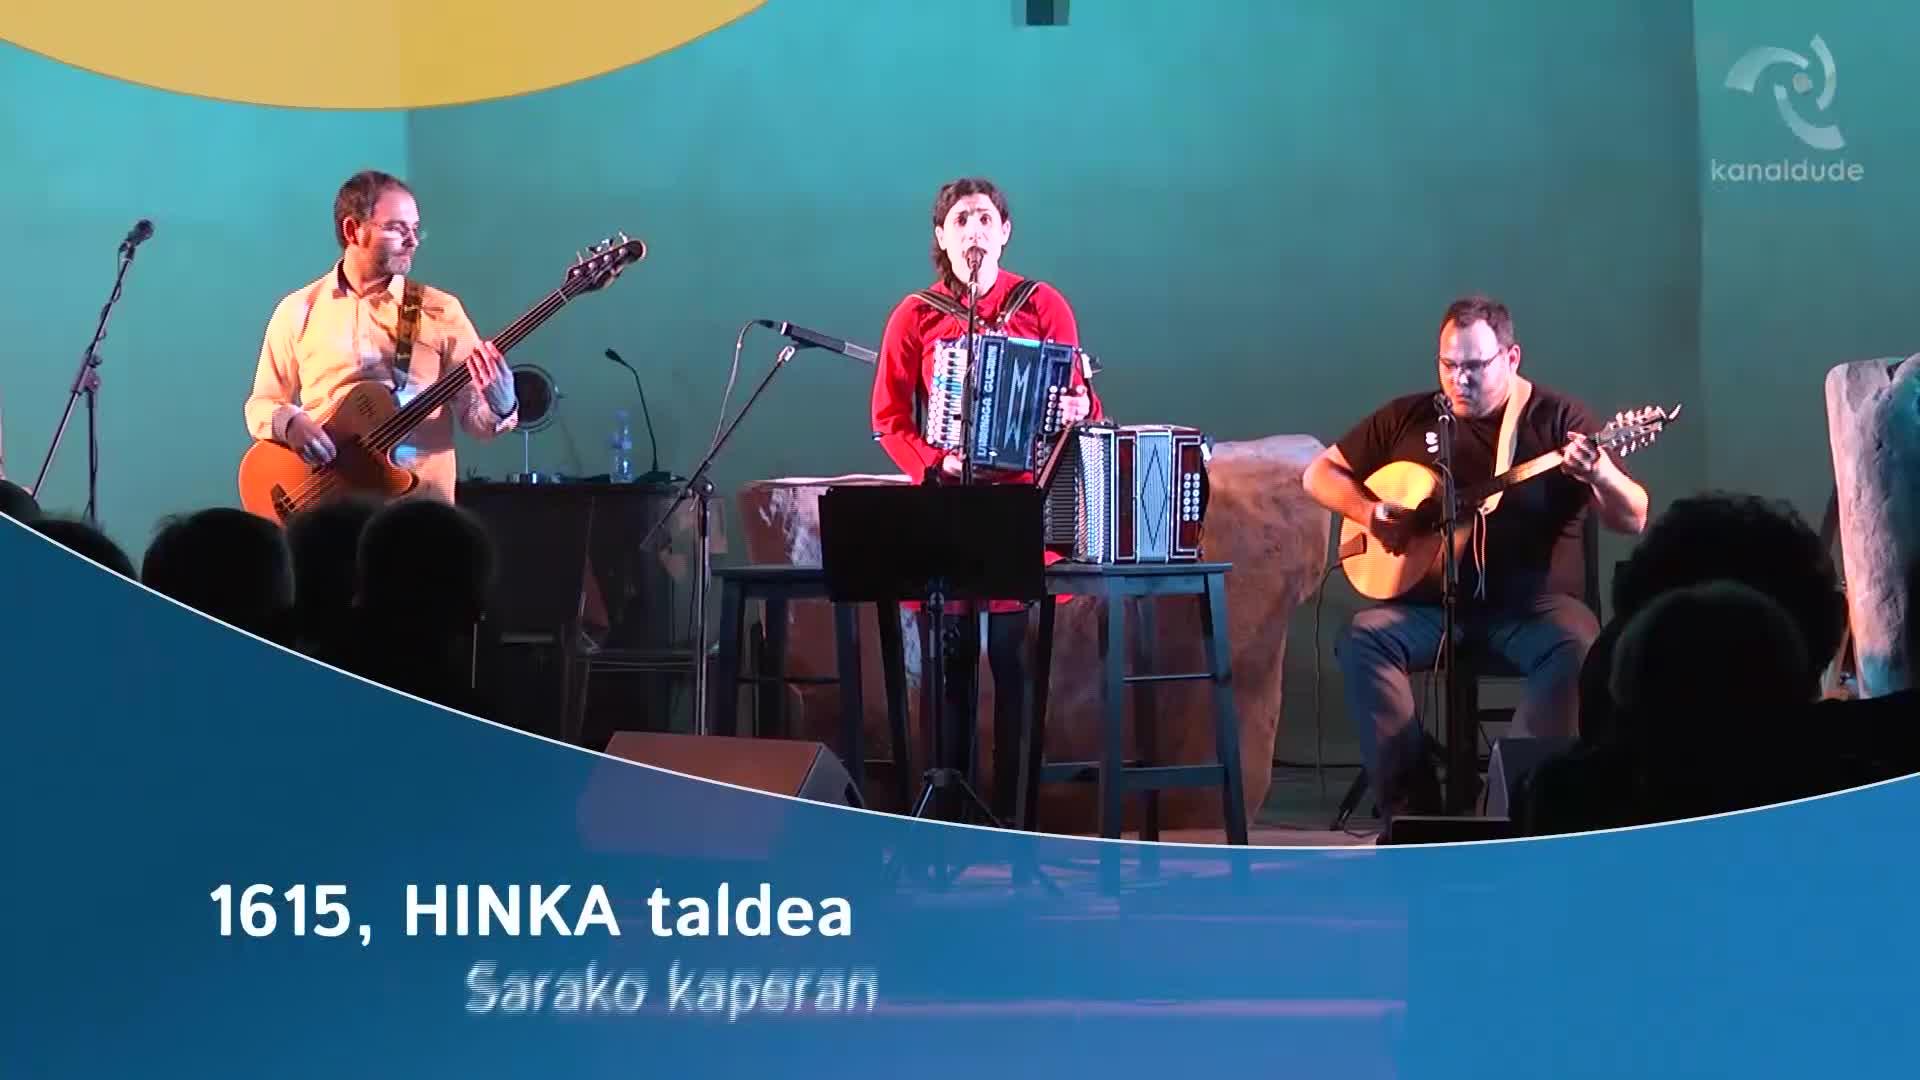 1615 Hinka taldea Sarako kaperan